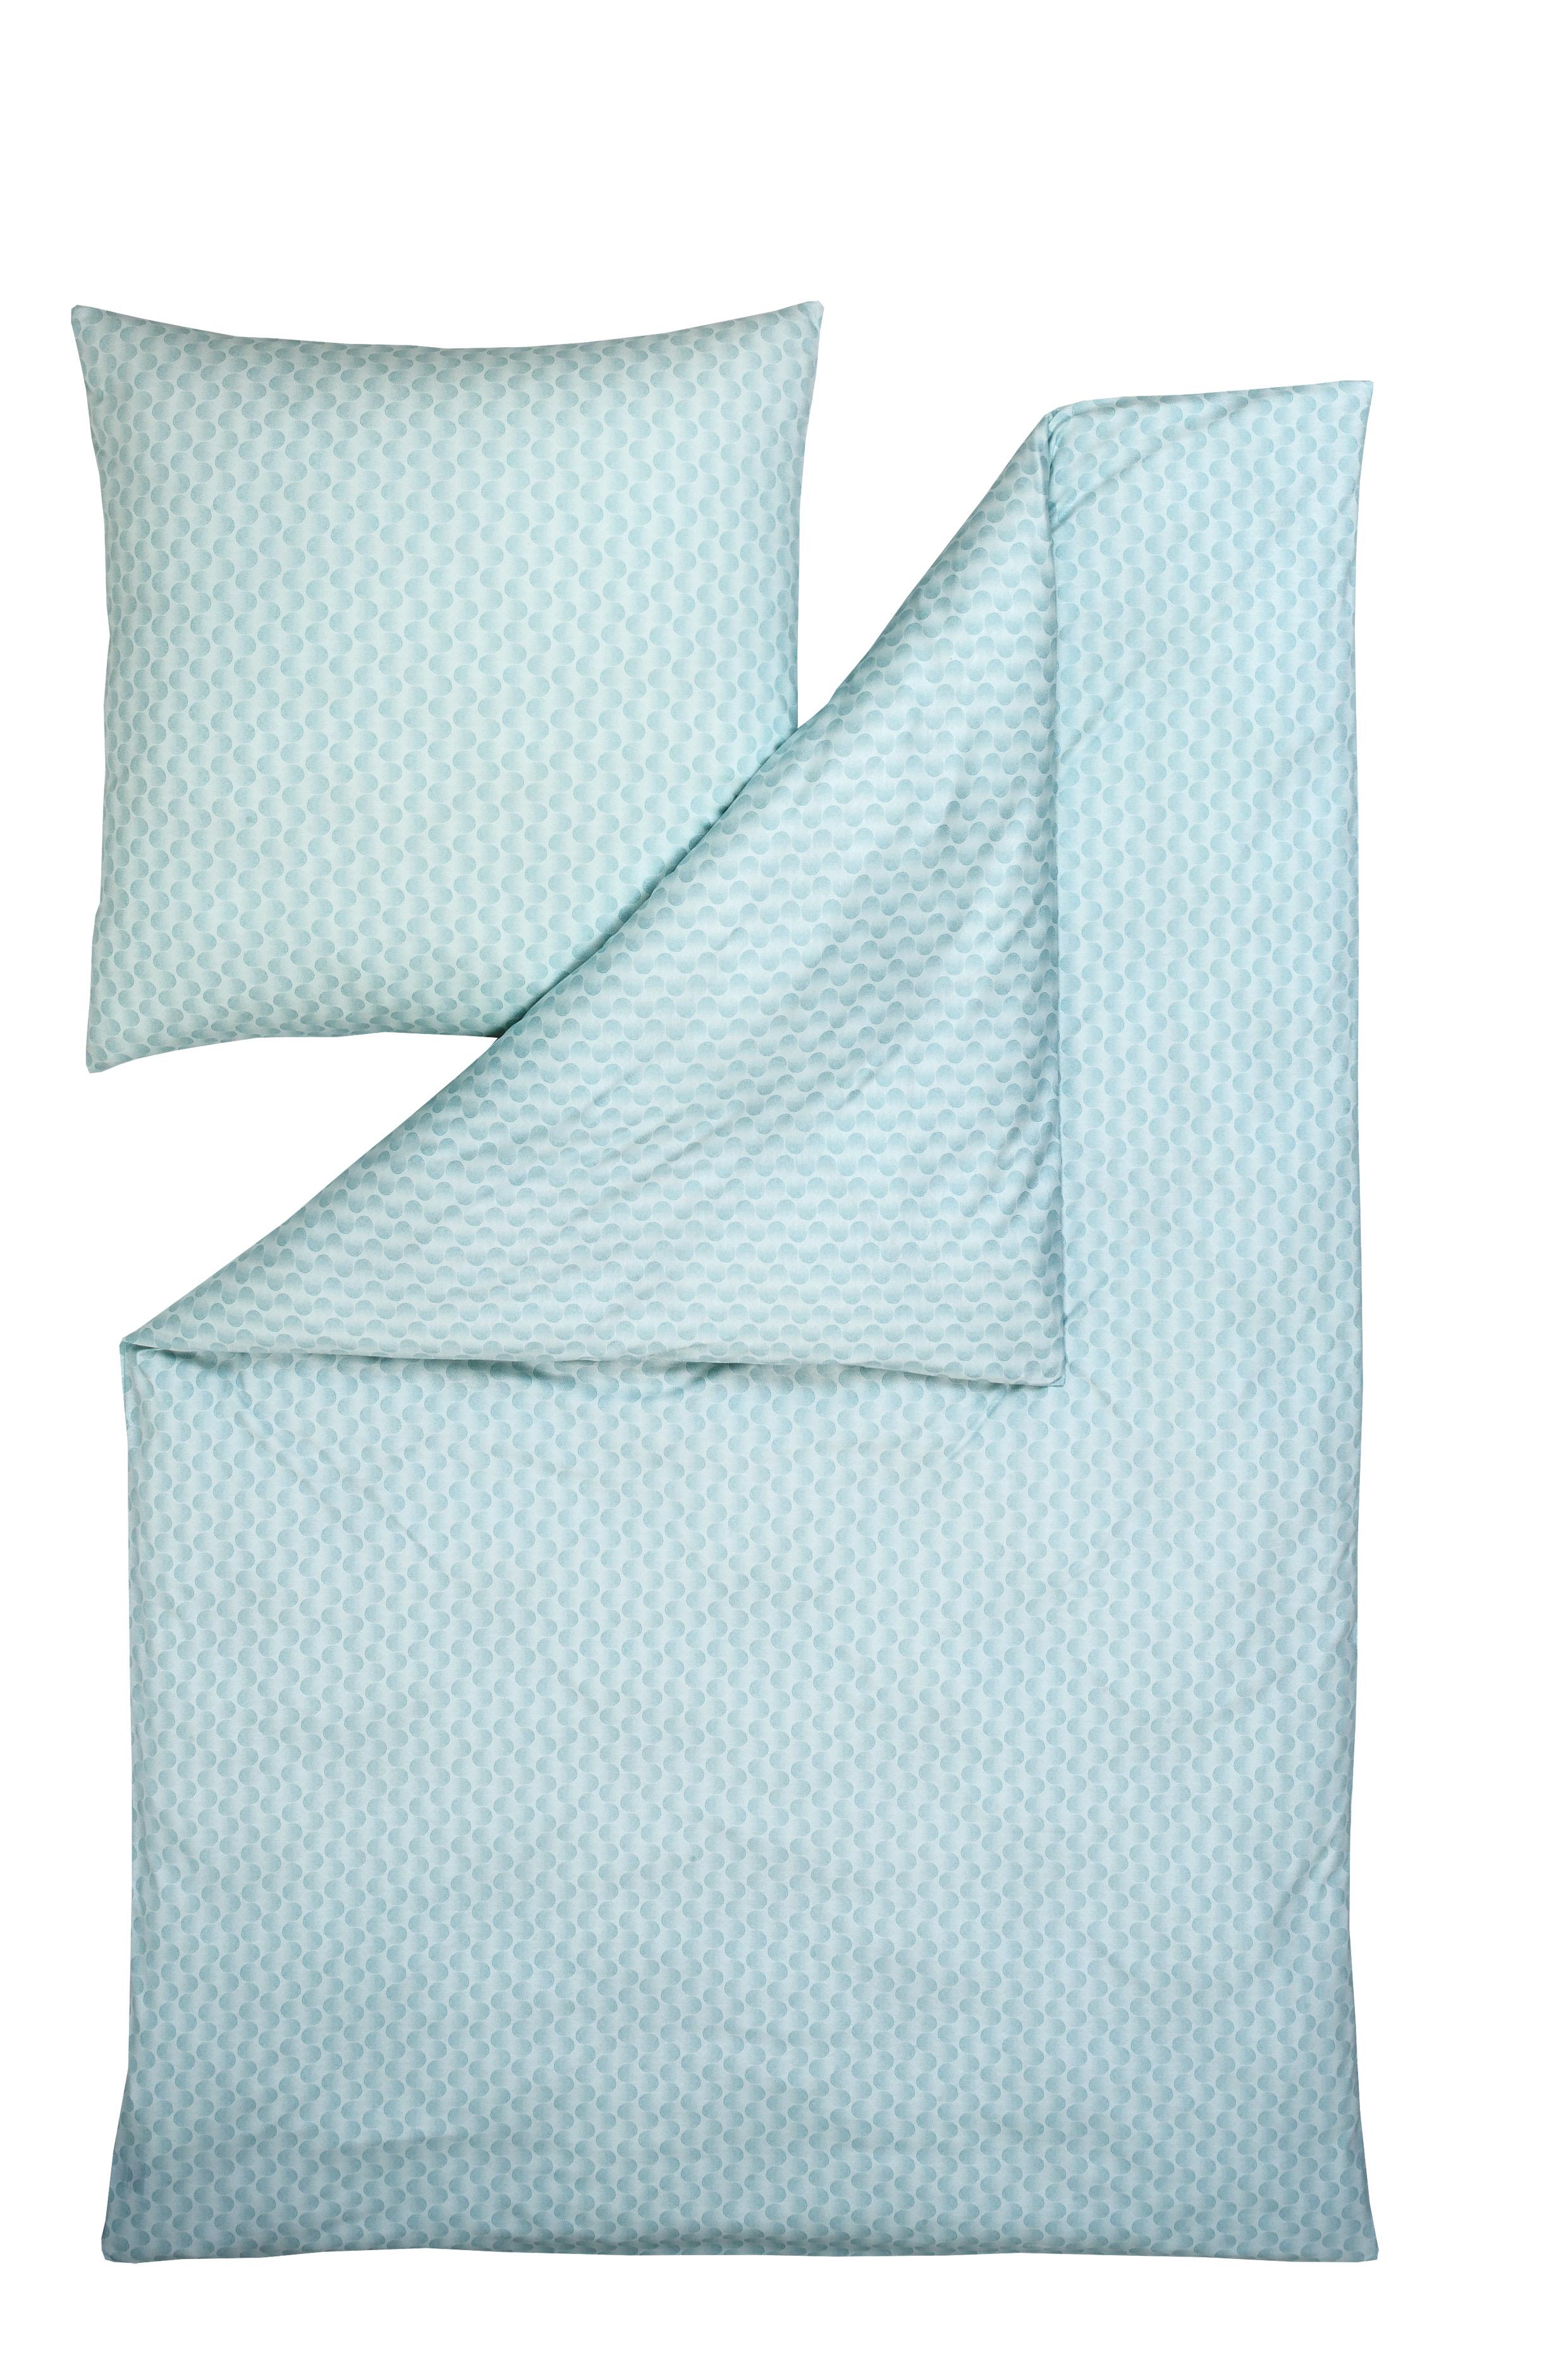 einzelne kissenbez ge estella deutsche premiumprodukte. Black Bedroom Furniture Sets. Home Design Ideas